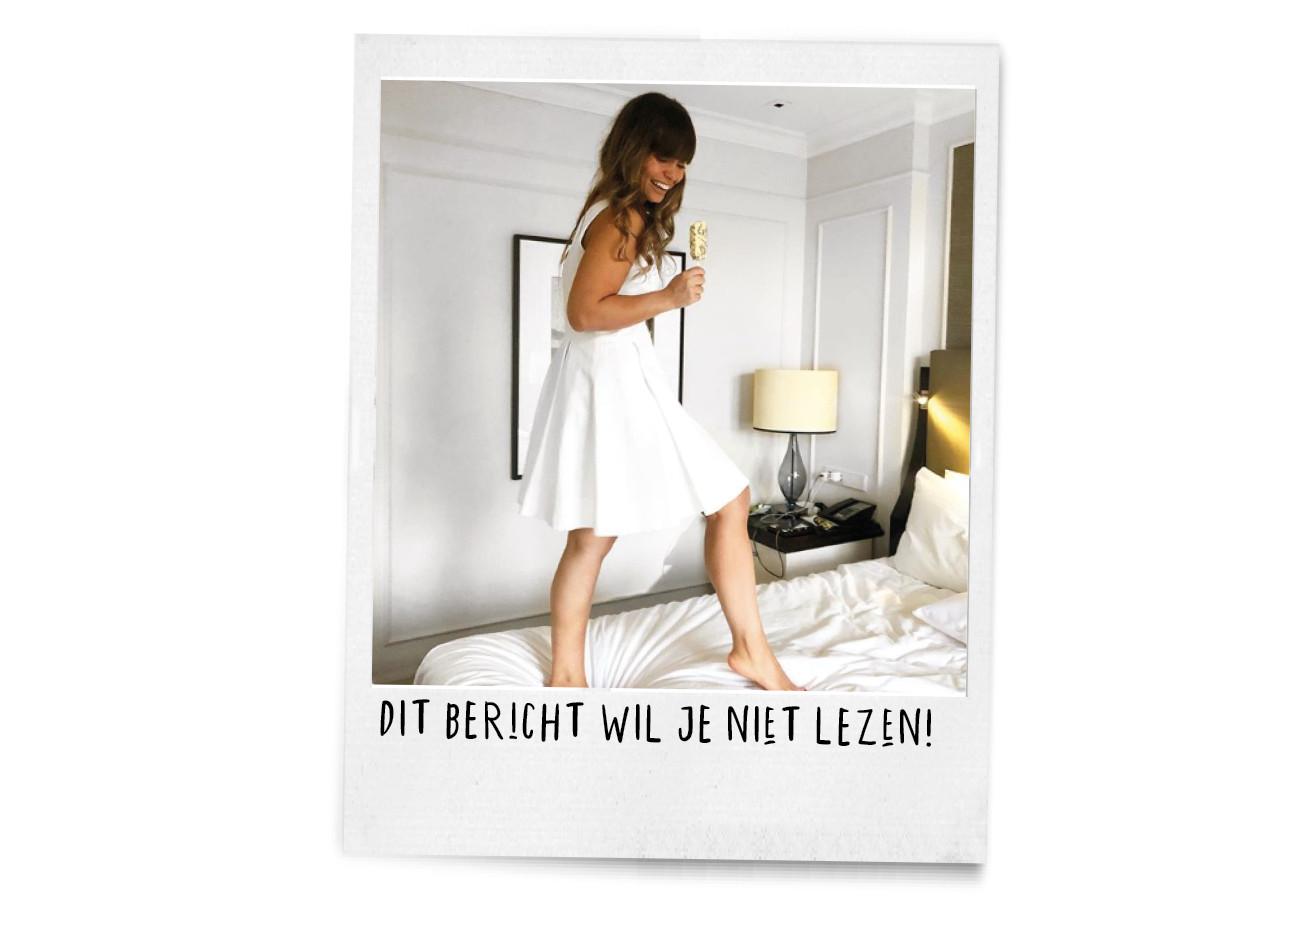 kiki in een witte jurk op het bed aan het springen met een ijsje